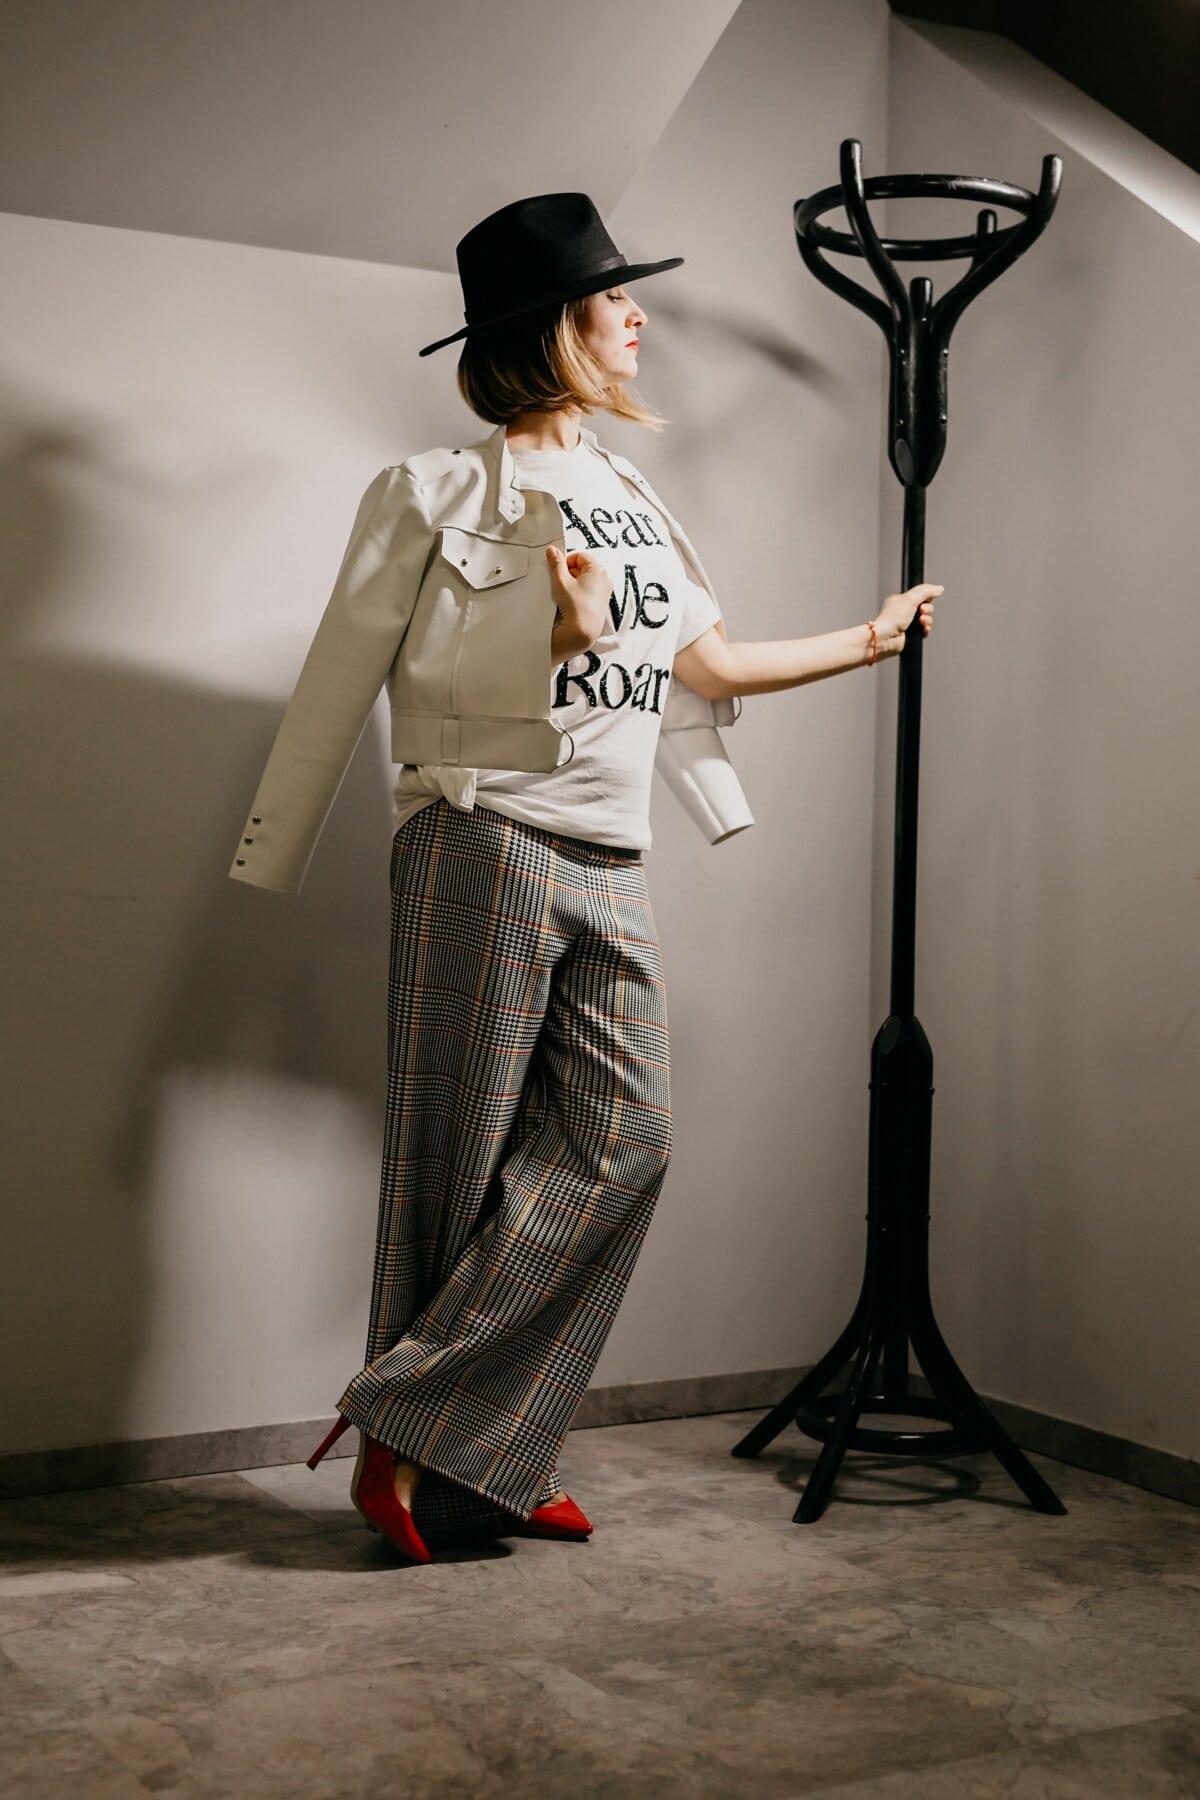 Hut, Schwarz, Mode, trendy, Frau, Lust auf, Outfit, posiert, stehende, Hose